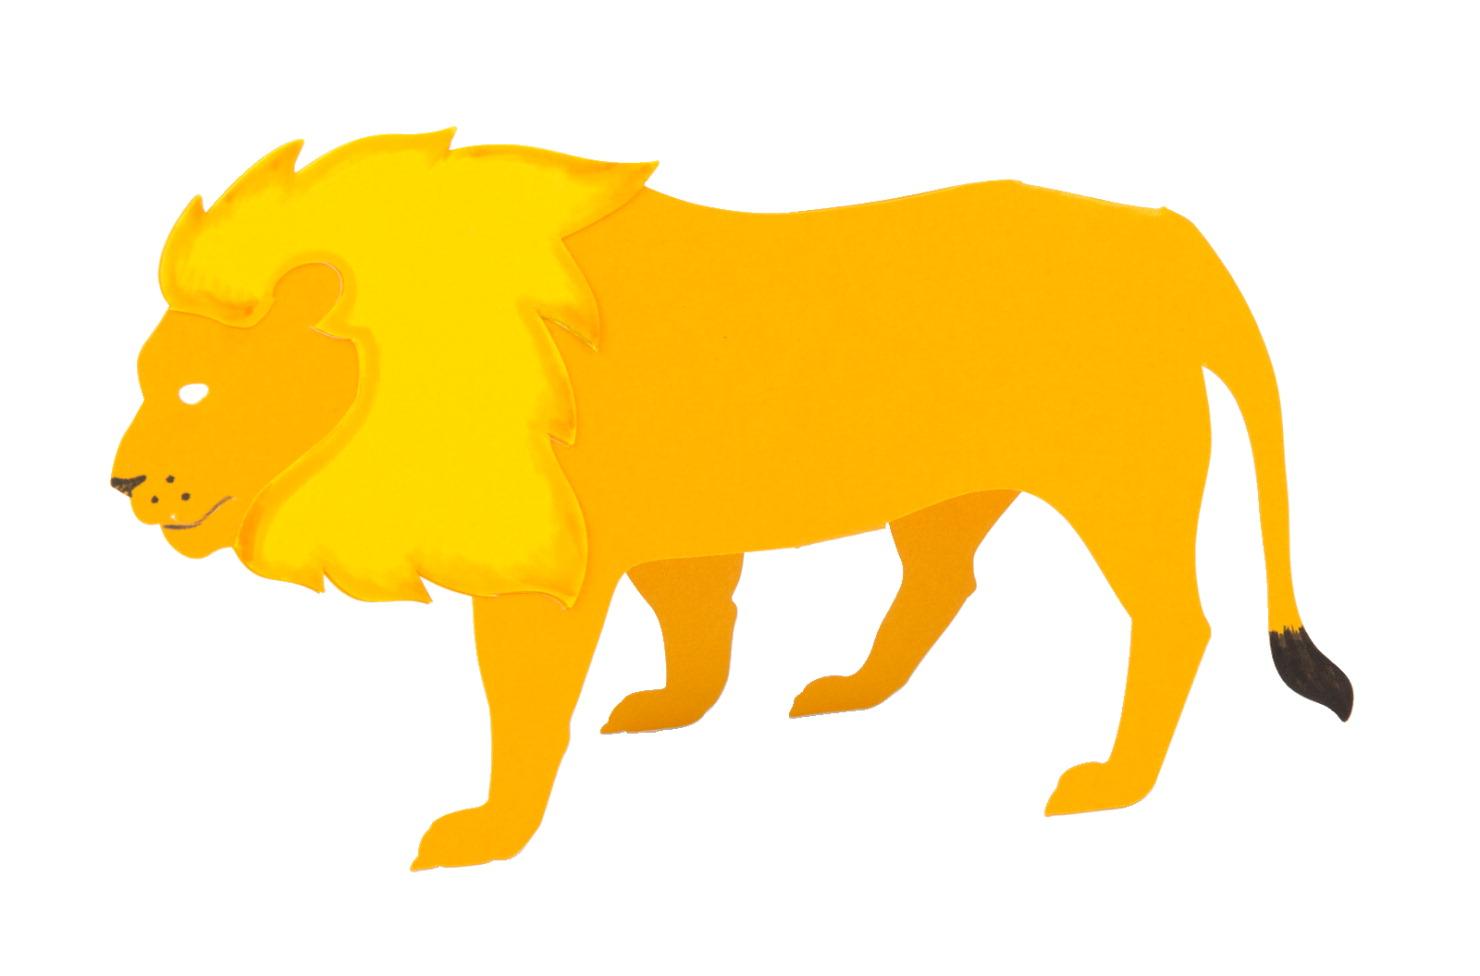 Ellison Sizzix Bigz Die, Large Lion 3D, 6 x 8-3/4 x 5/8 Inches